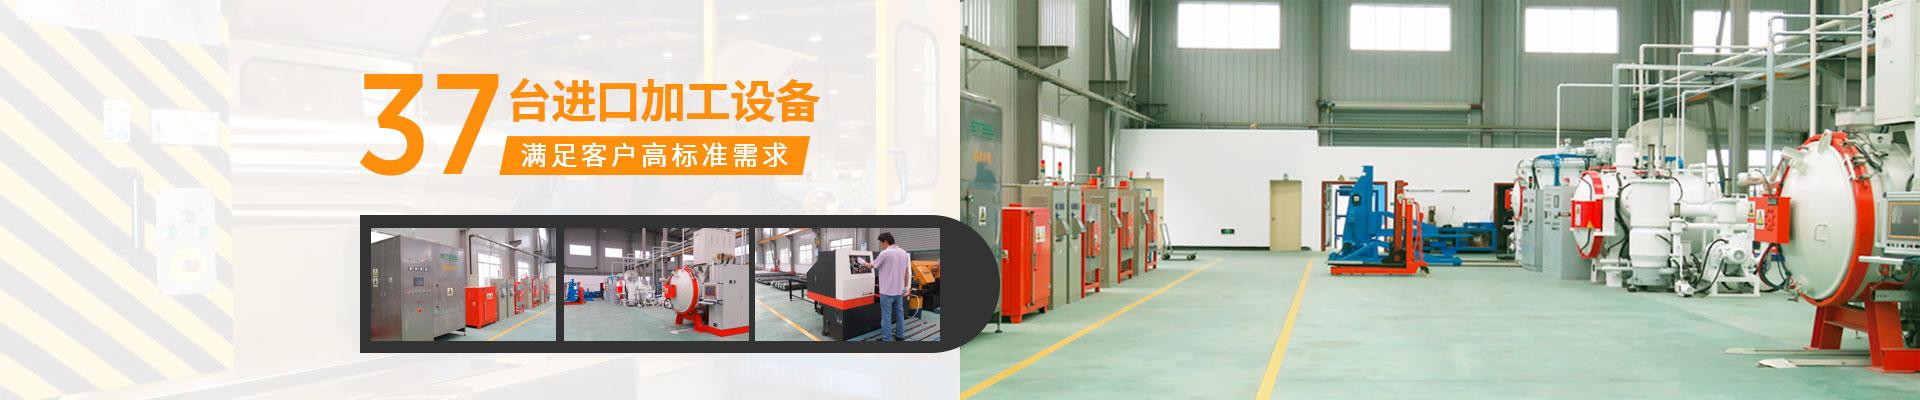 中瑞-37台进口加工设备 满足客户高标准需求